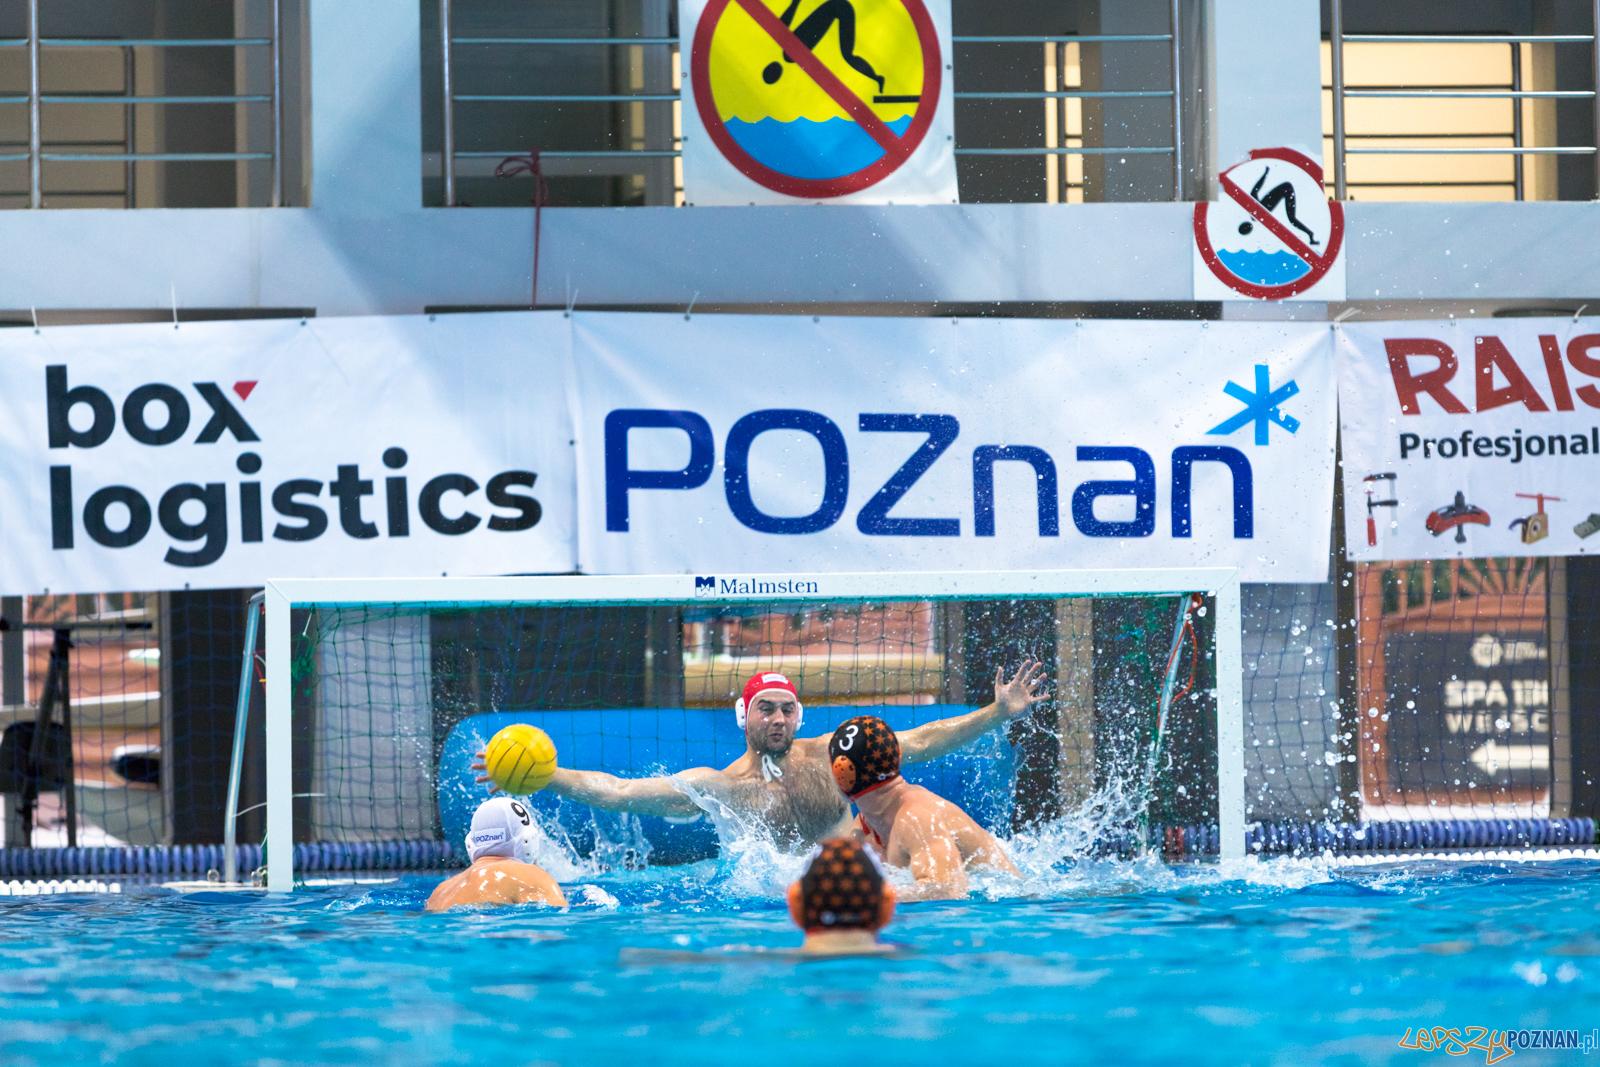 Box Logistics Waterpolo Poznań - KSZO Ostrowiec Świętokrzyski  Foto: lepszyPOZNAN.pl/Piotr Rychter